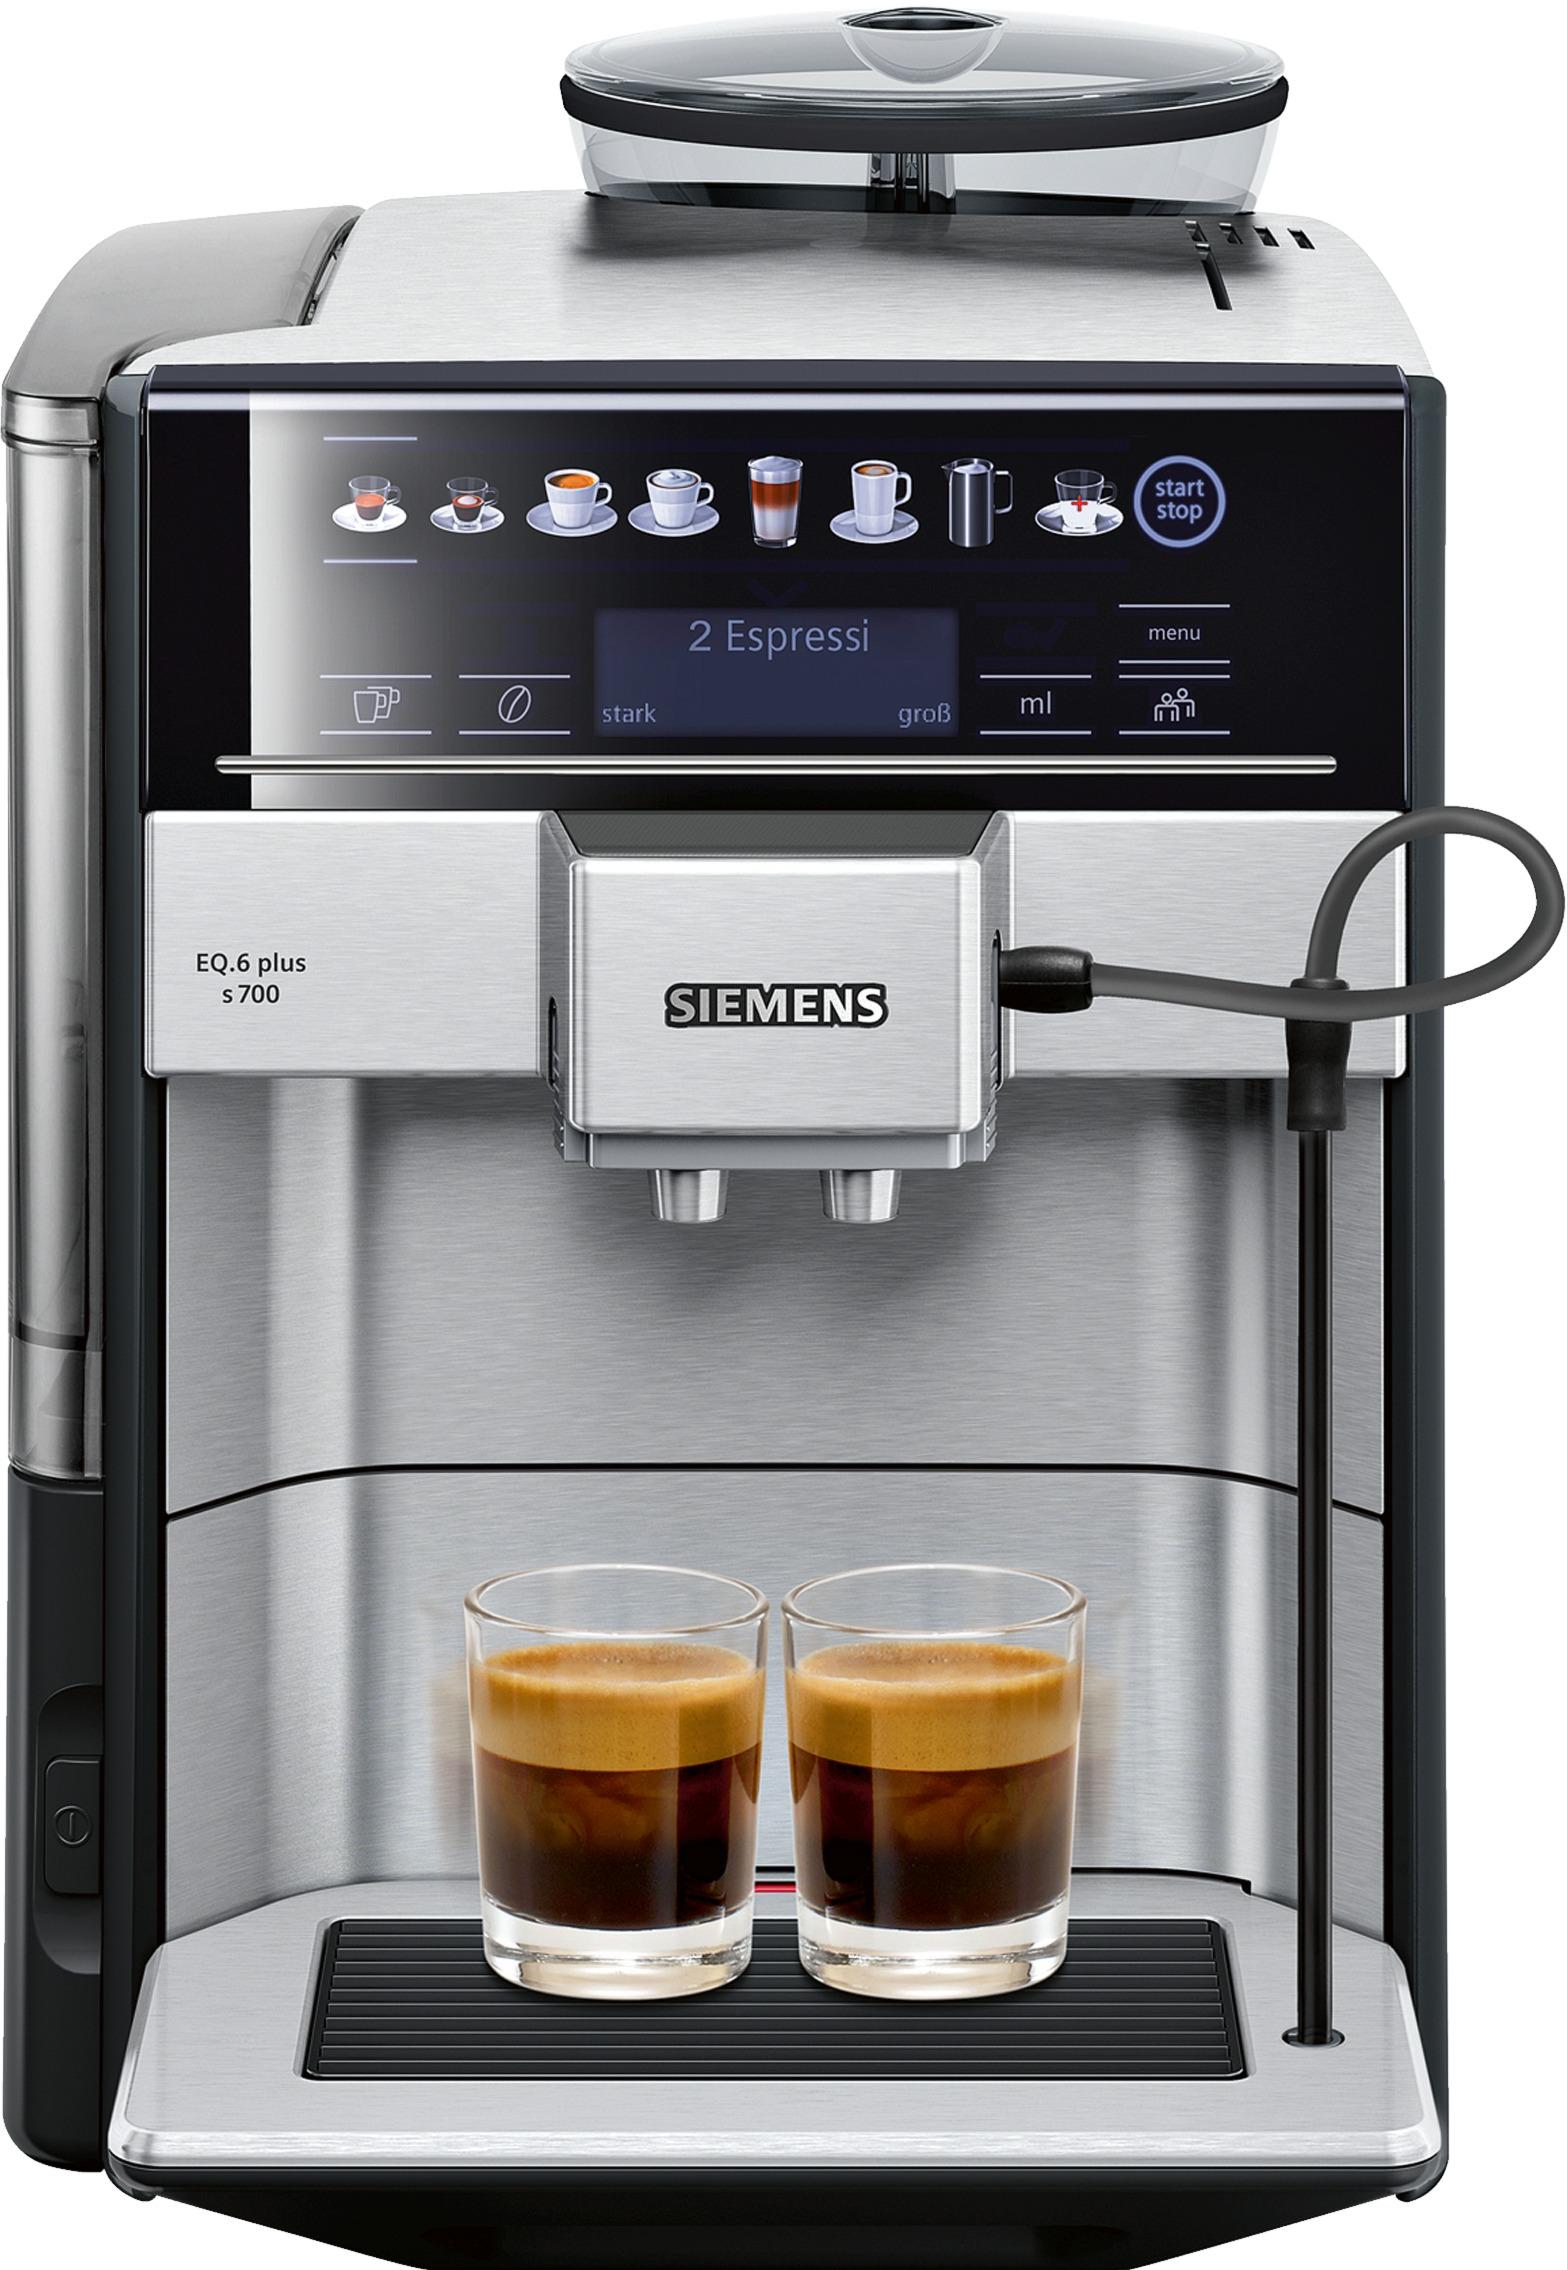 Siemens EQ.6 plus